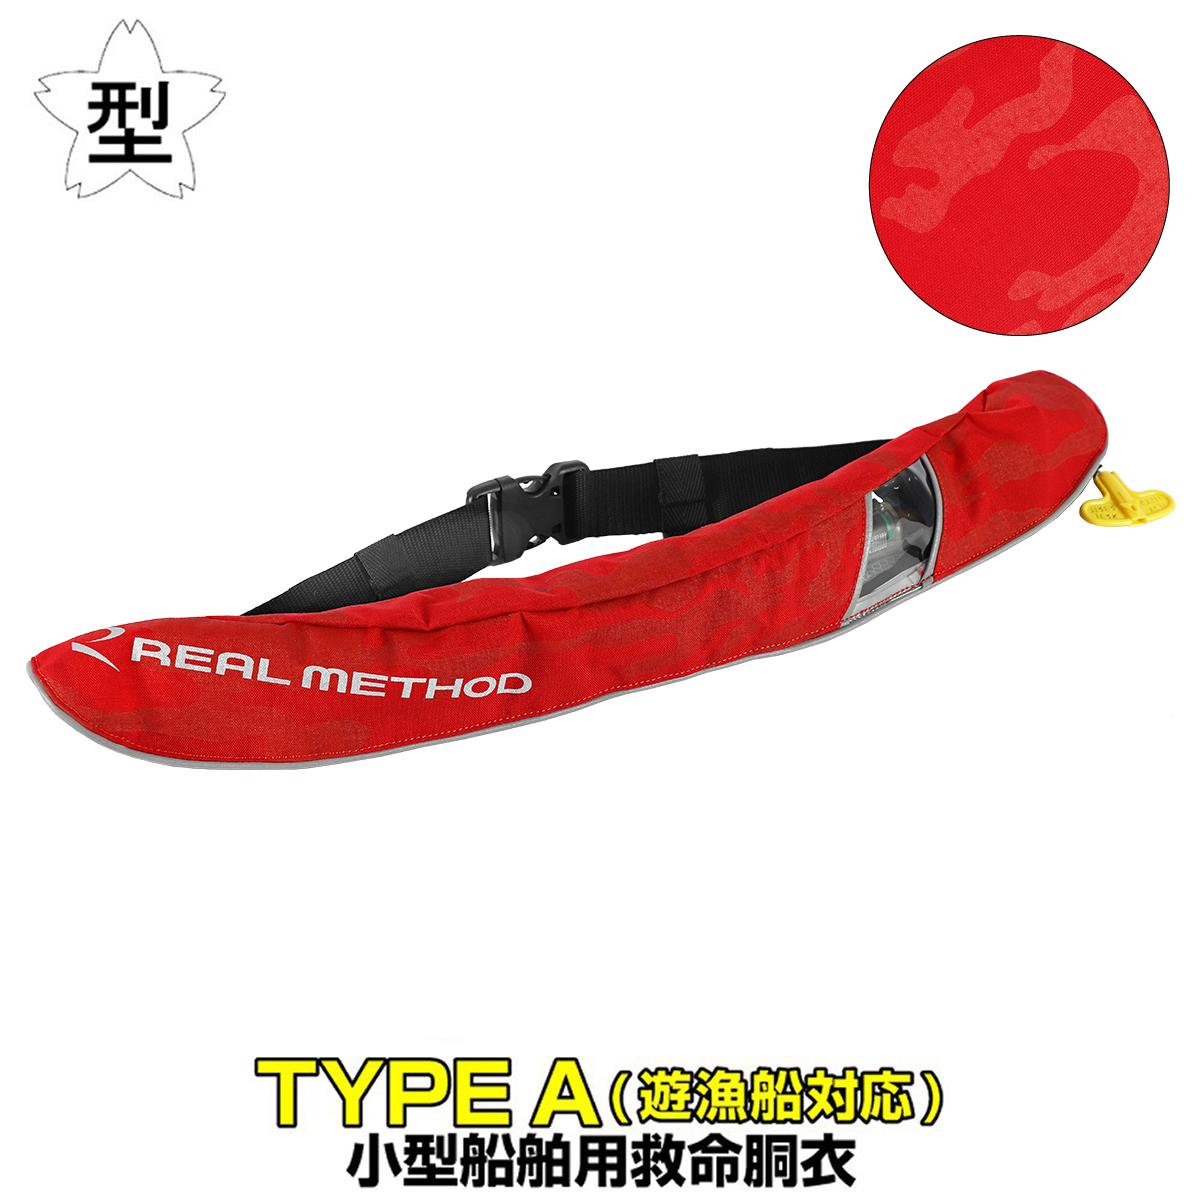 タカミヤ REAL METHOD 自動膨脹式ライフジャケット ウエストベルトタイプ RM-5520RSII レッドカモフラ ※遊漁船対応